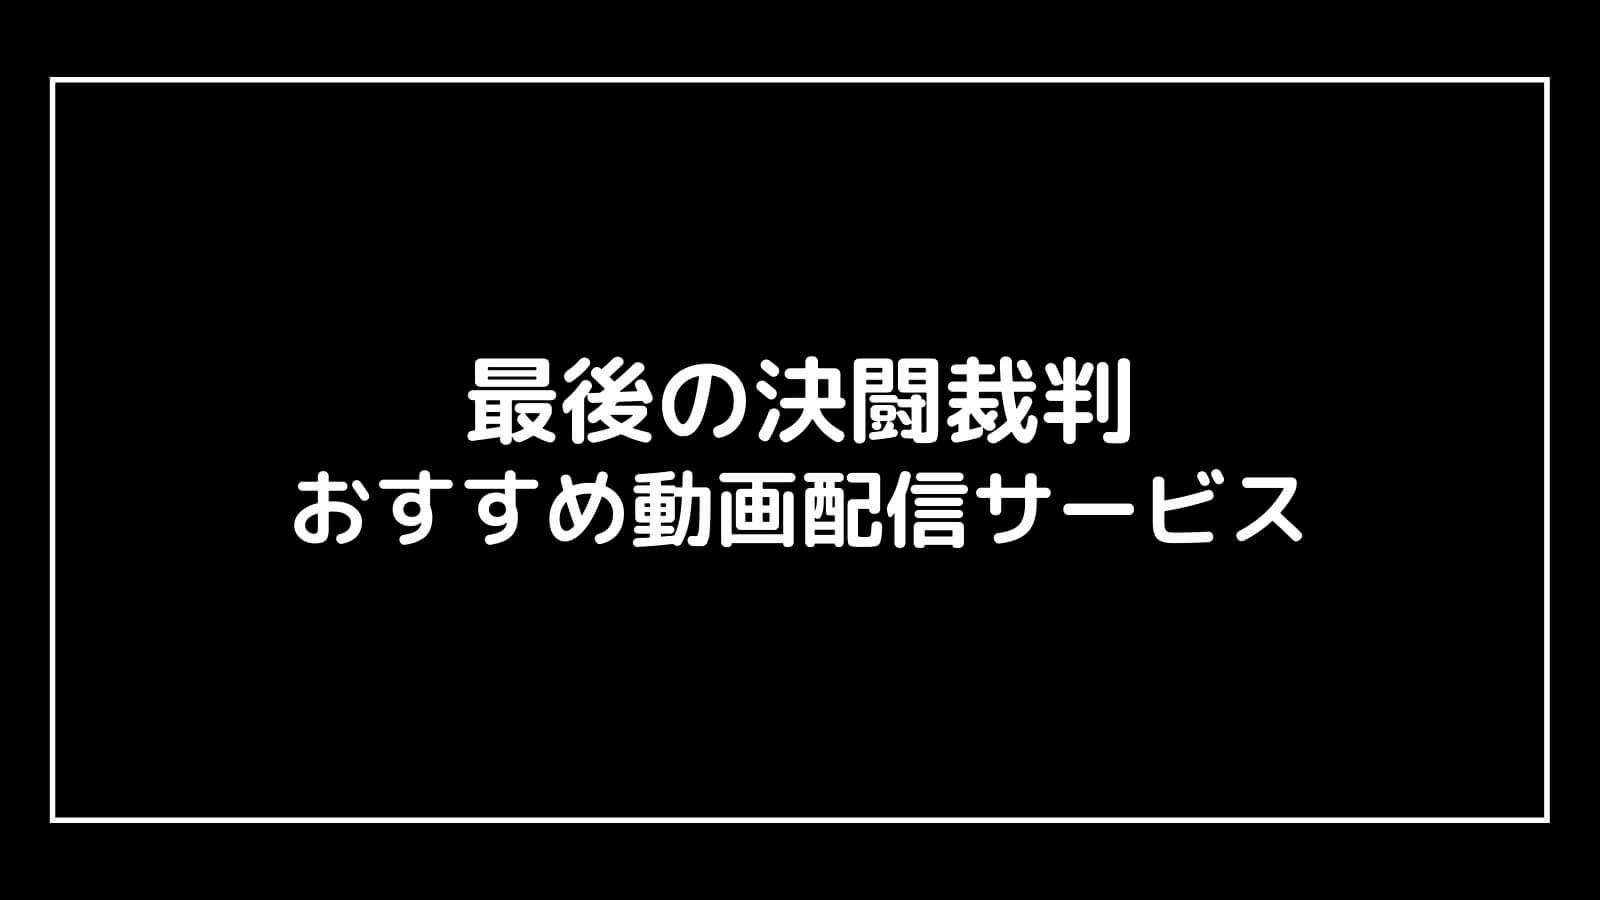 映画『最後の決闘裁判』を無料視聴できるおすすめ動画配信サービス